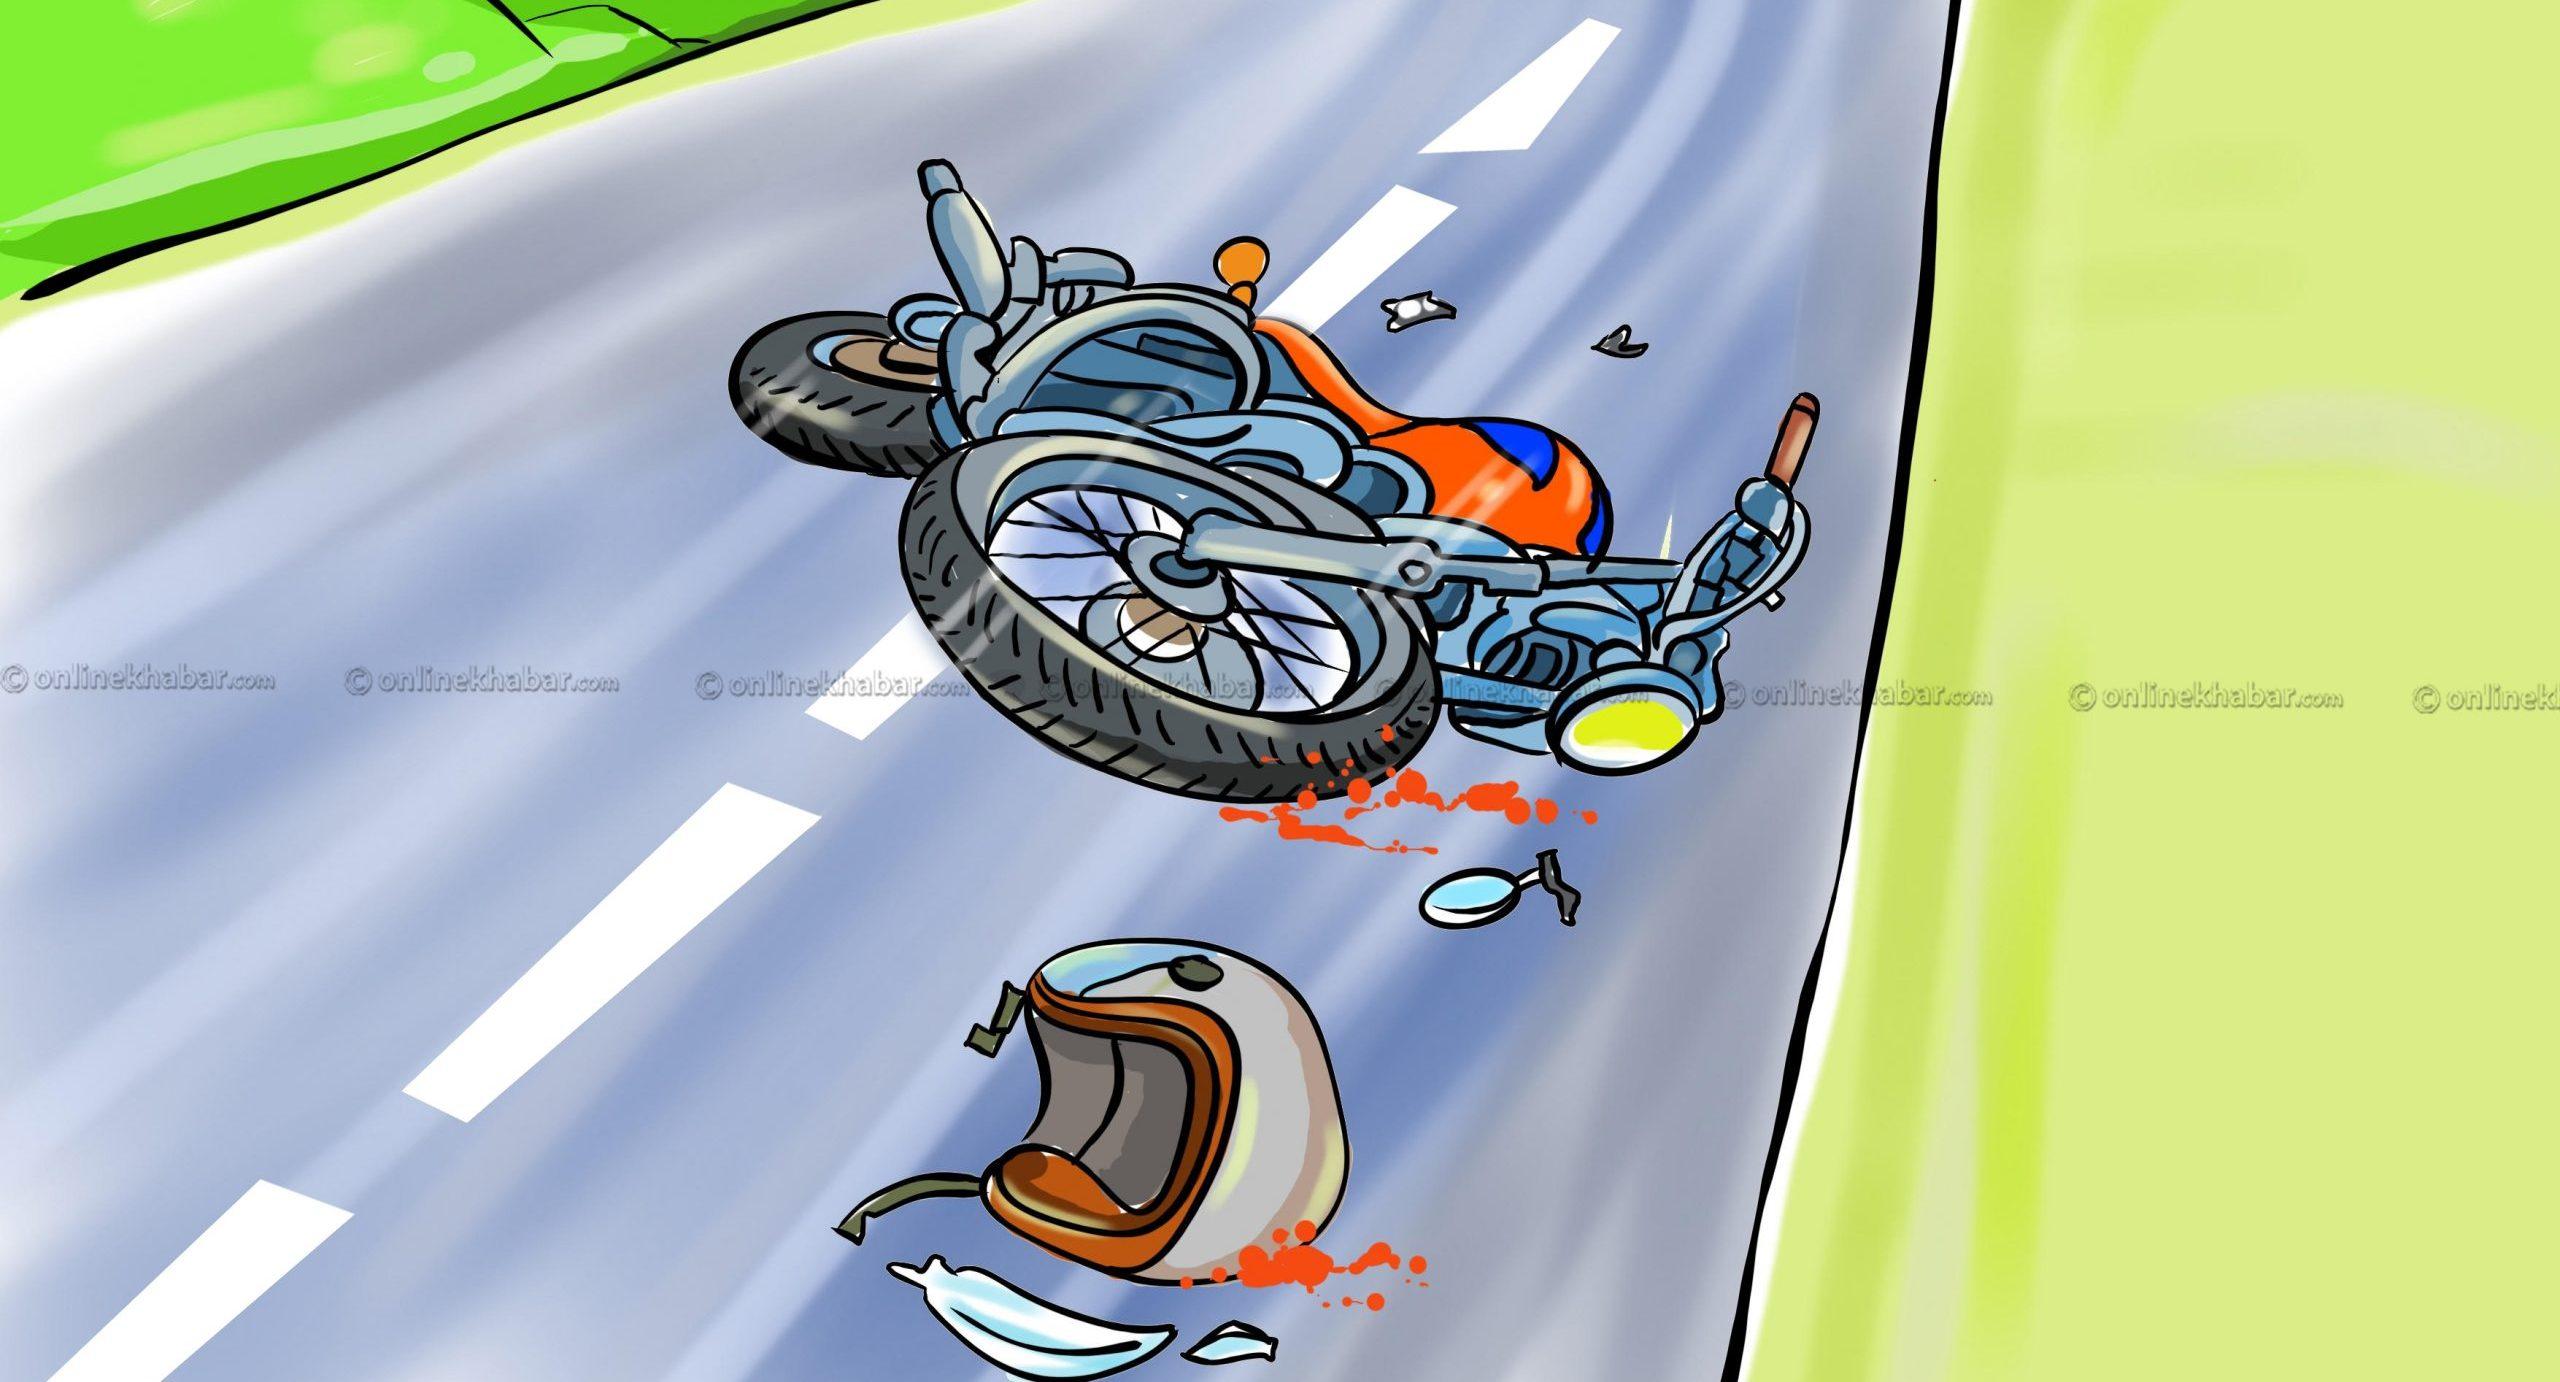 बिर्तामोडको बुट्टाबारीमा सवारी दुर्घटनामा परी एकजनाको मृ्त्यु